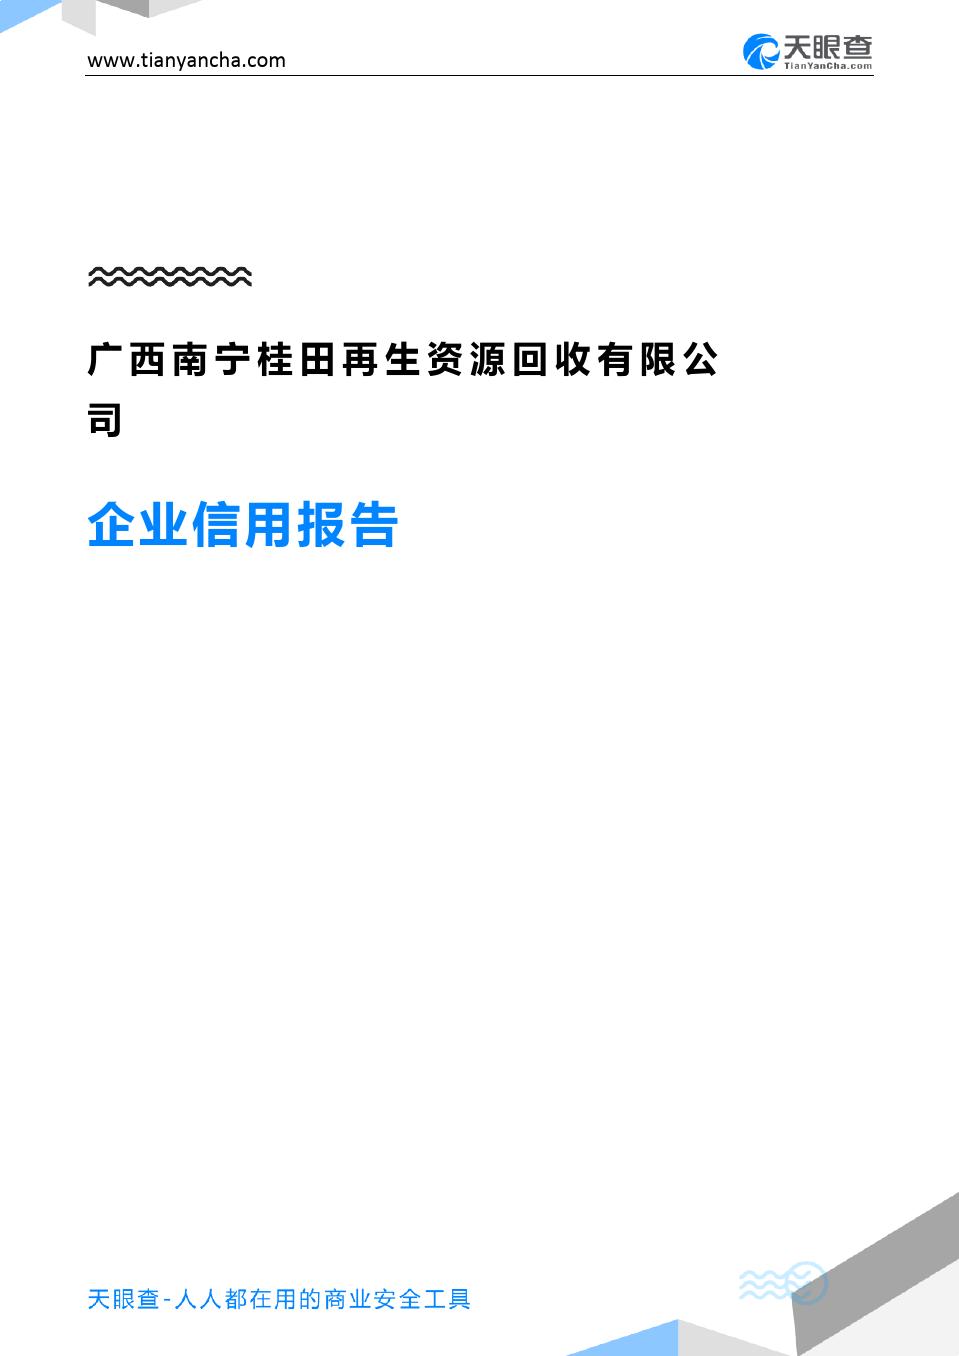 广西南宁桂田再生资源回收有限公司(企业信用报告)- 天眼查